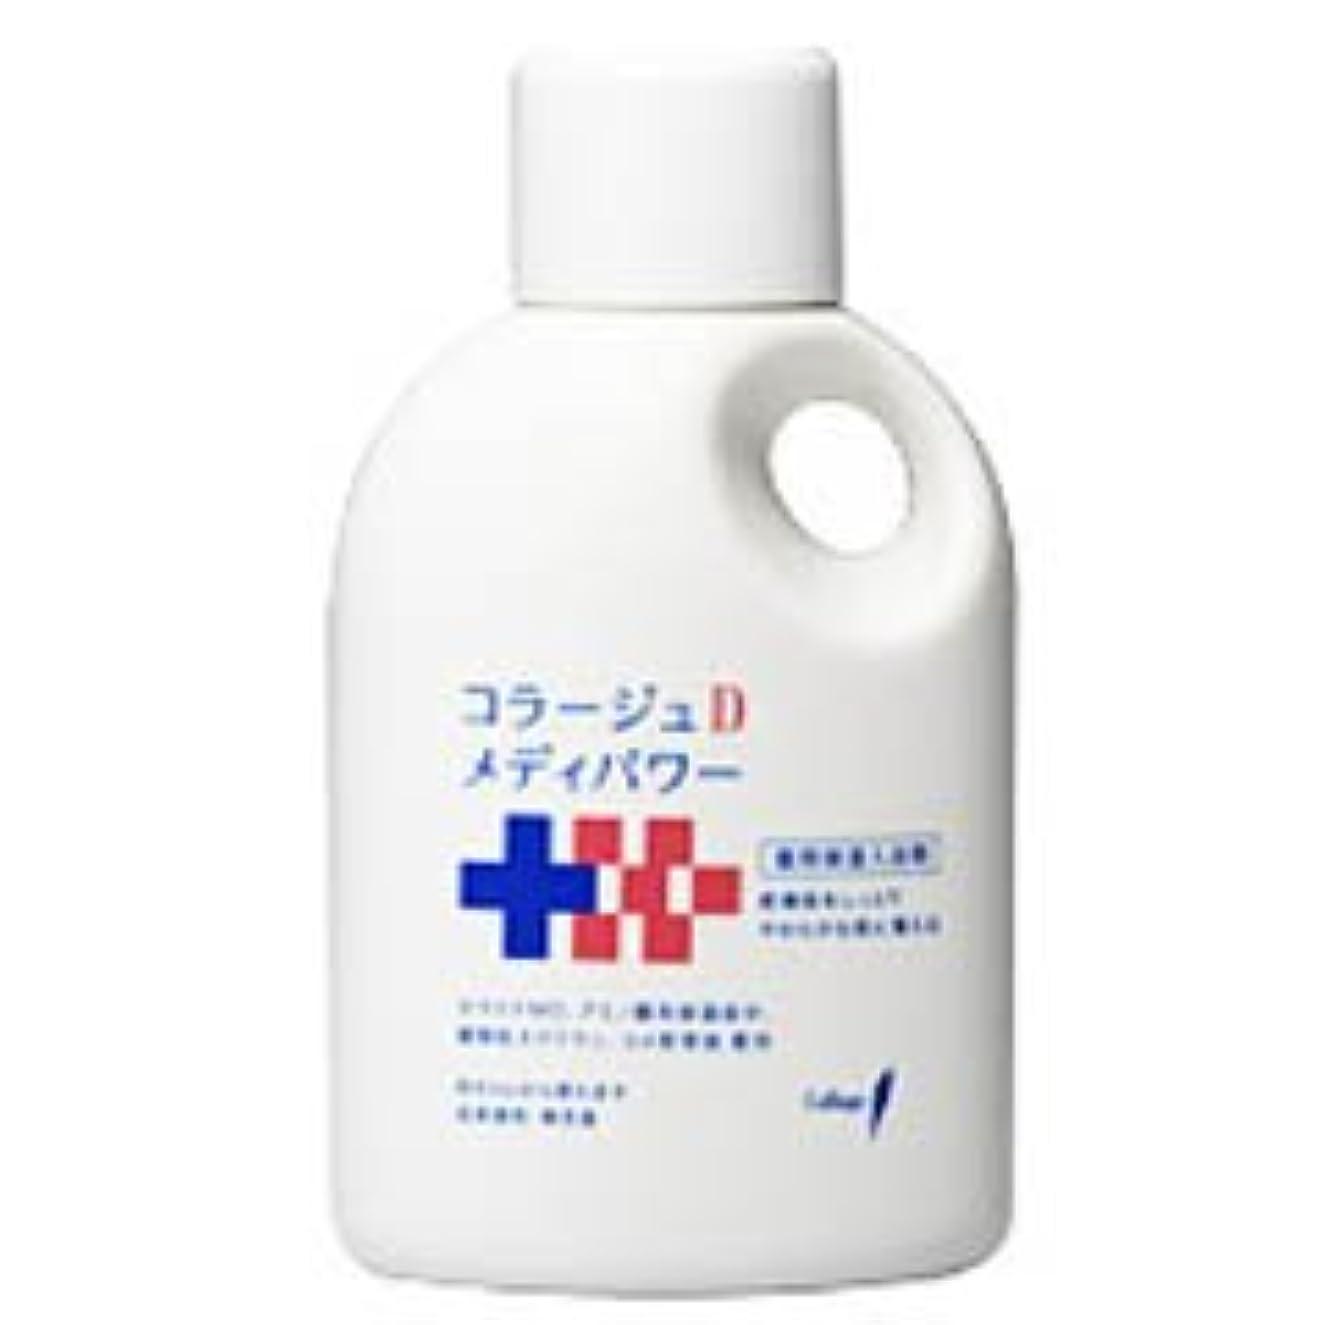 アリーナり小さい【持田ヘルスケア】コラージュD メディパワー 保湿入浴液 500ml